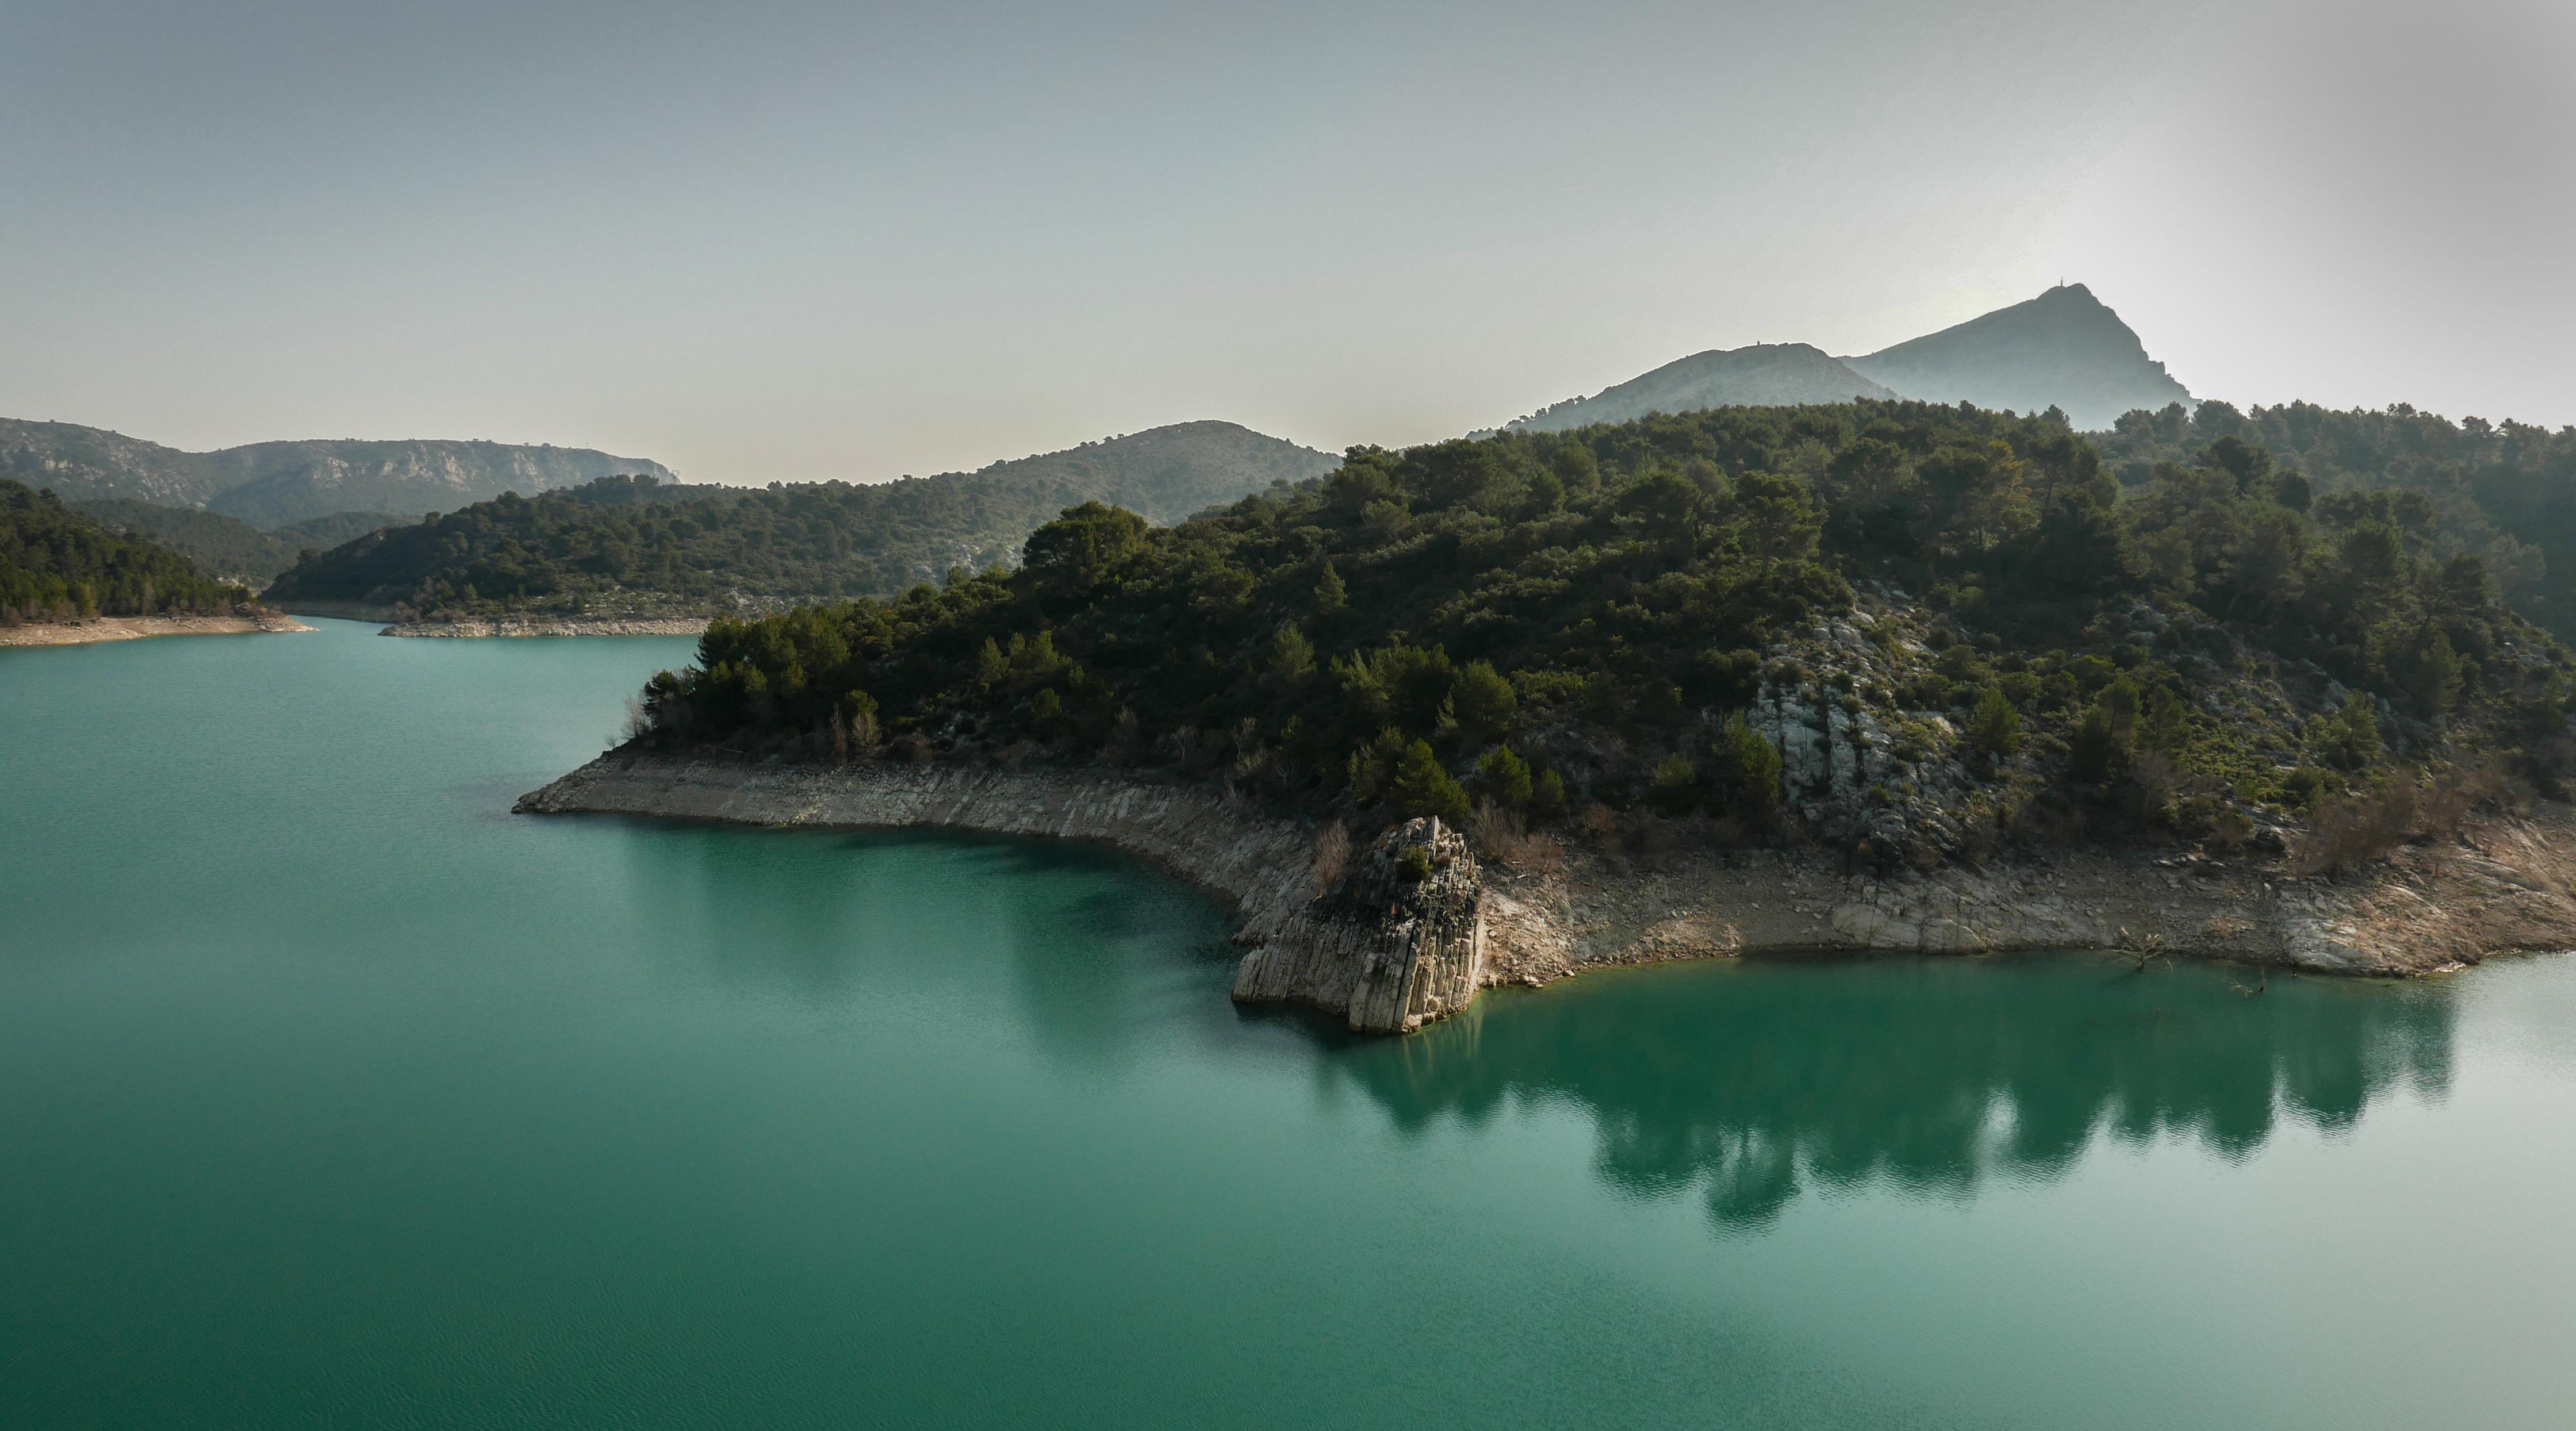 Ste Victoire vue du Lac